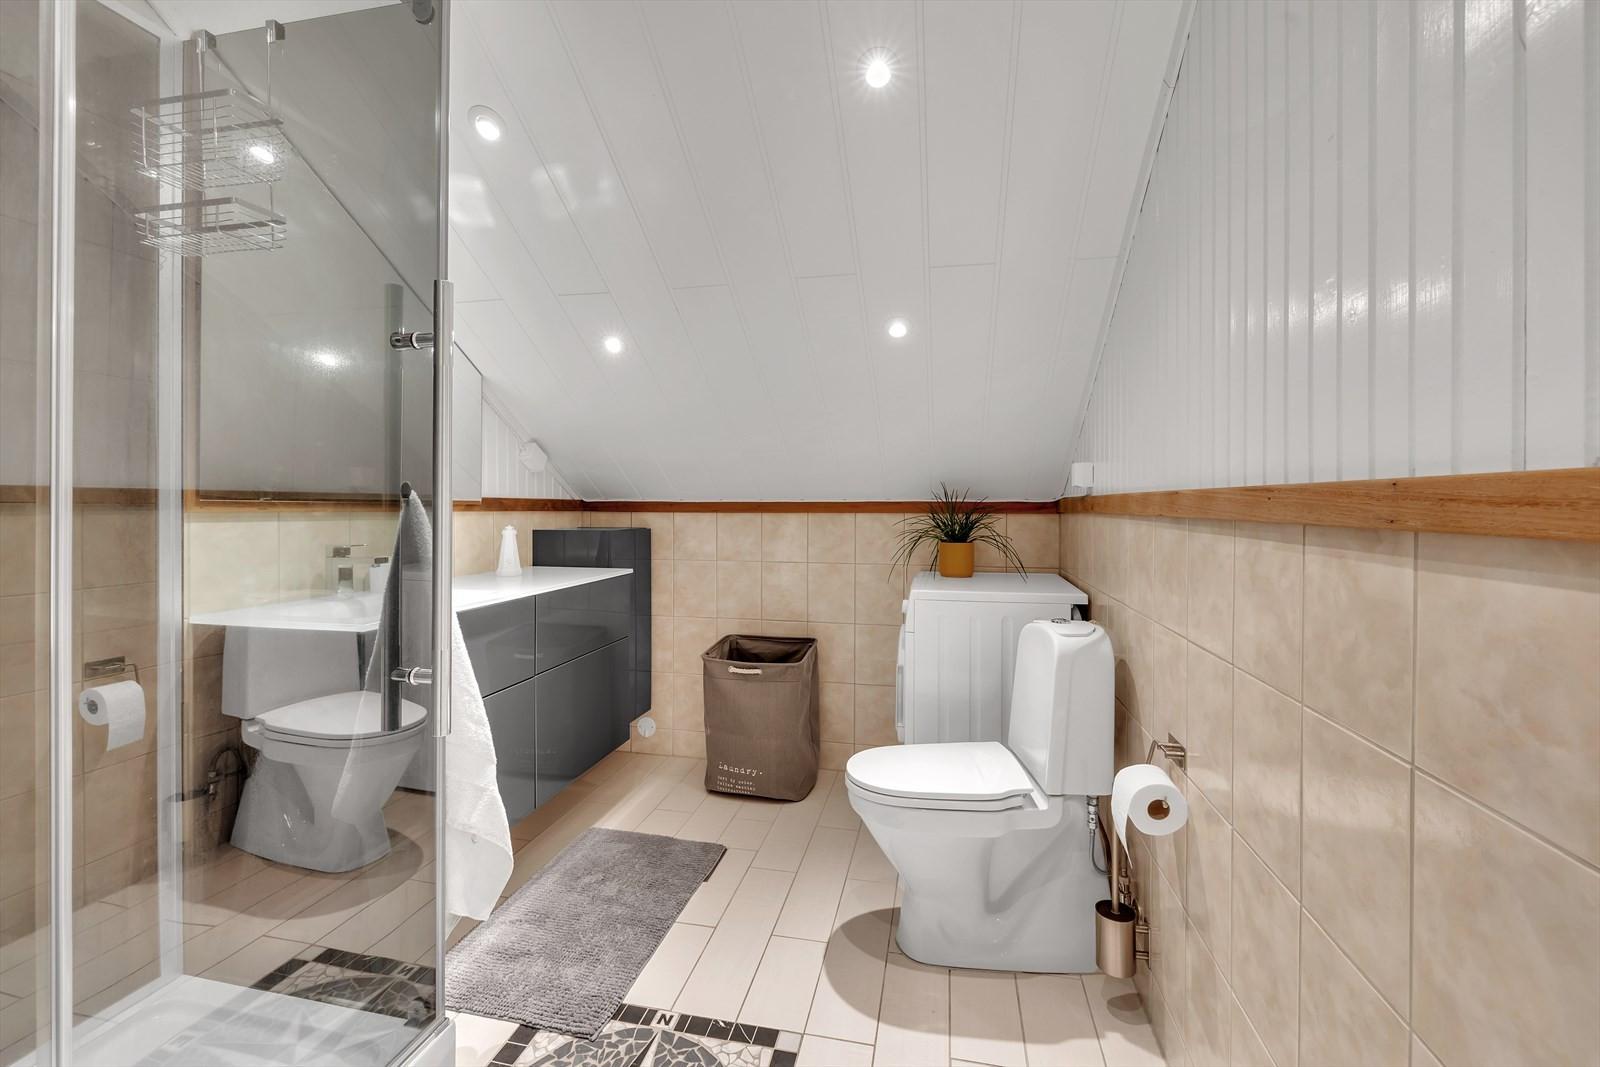 Flislagt bad med dusjkabinett, baderomsinnreding, opplegg til vaskemaskin og wc. Downligts i tak.